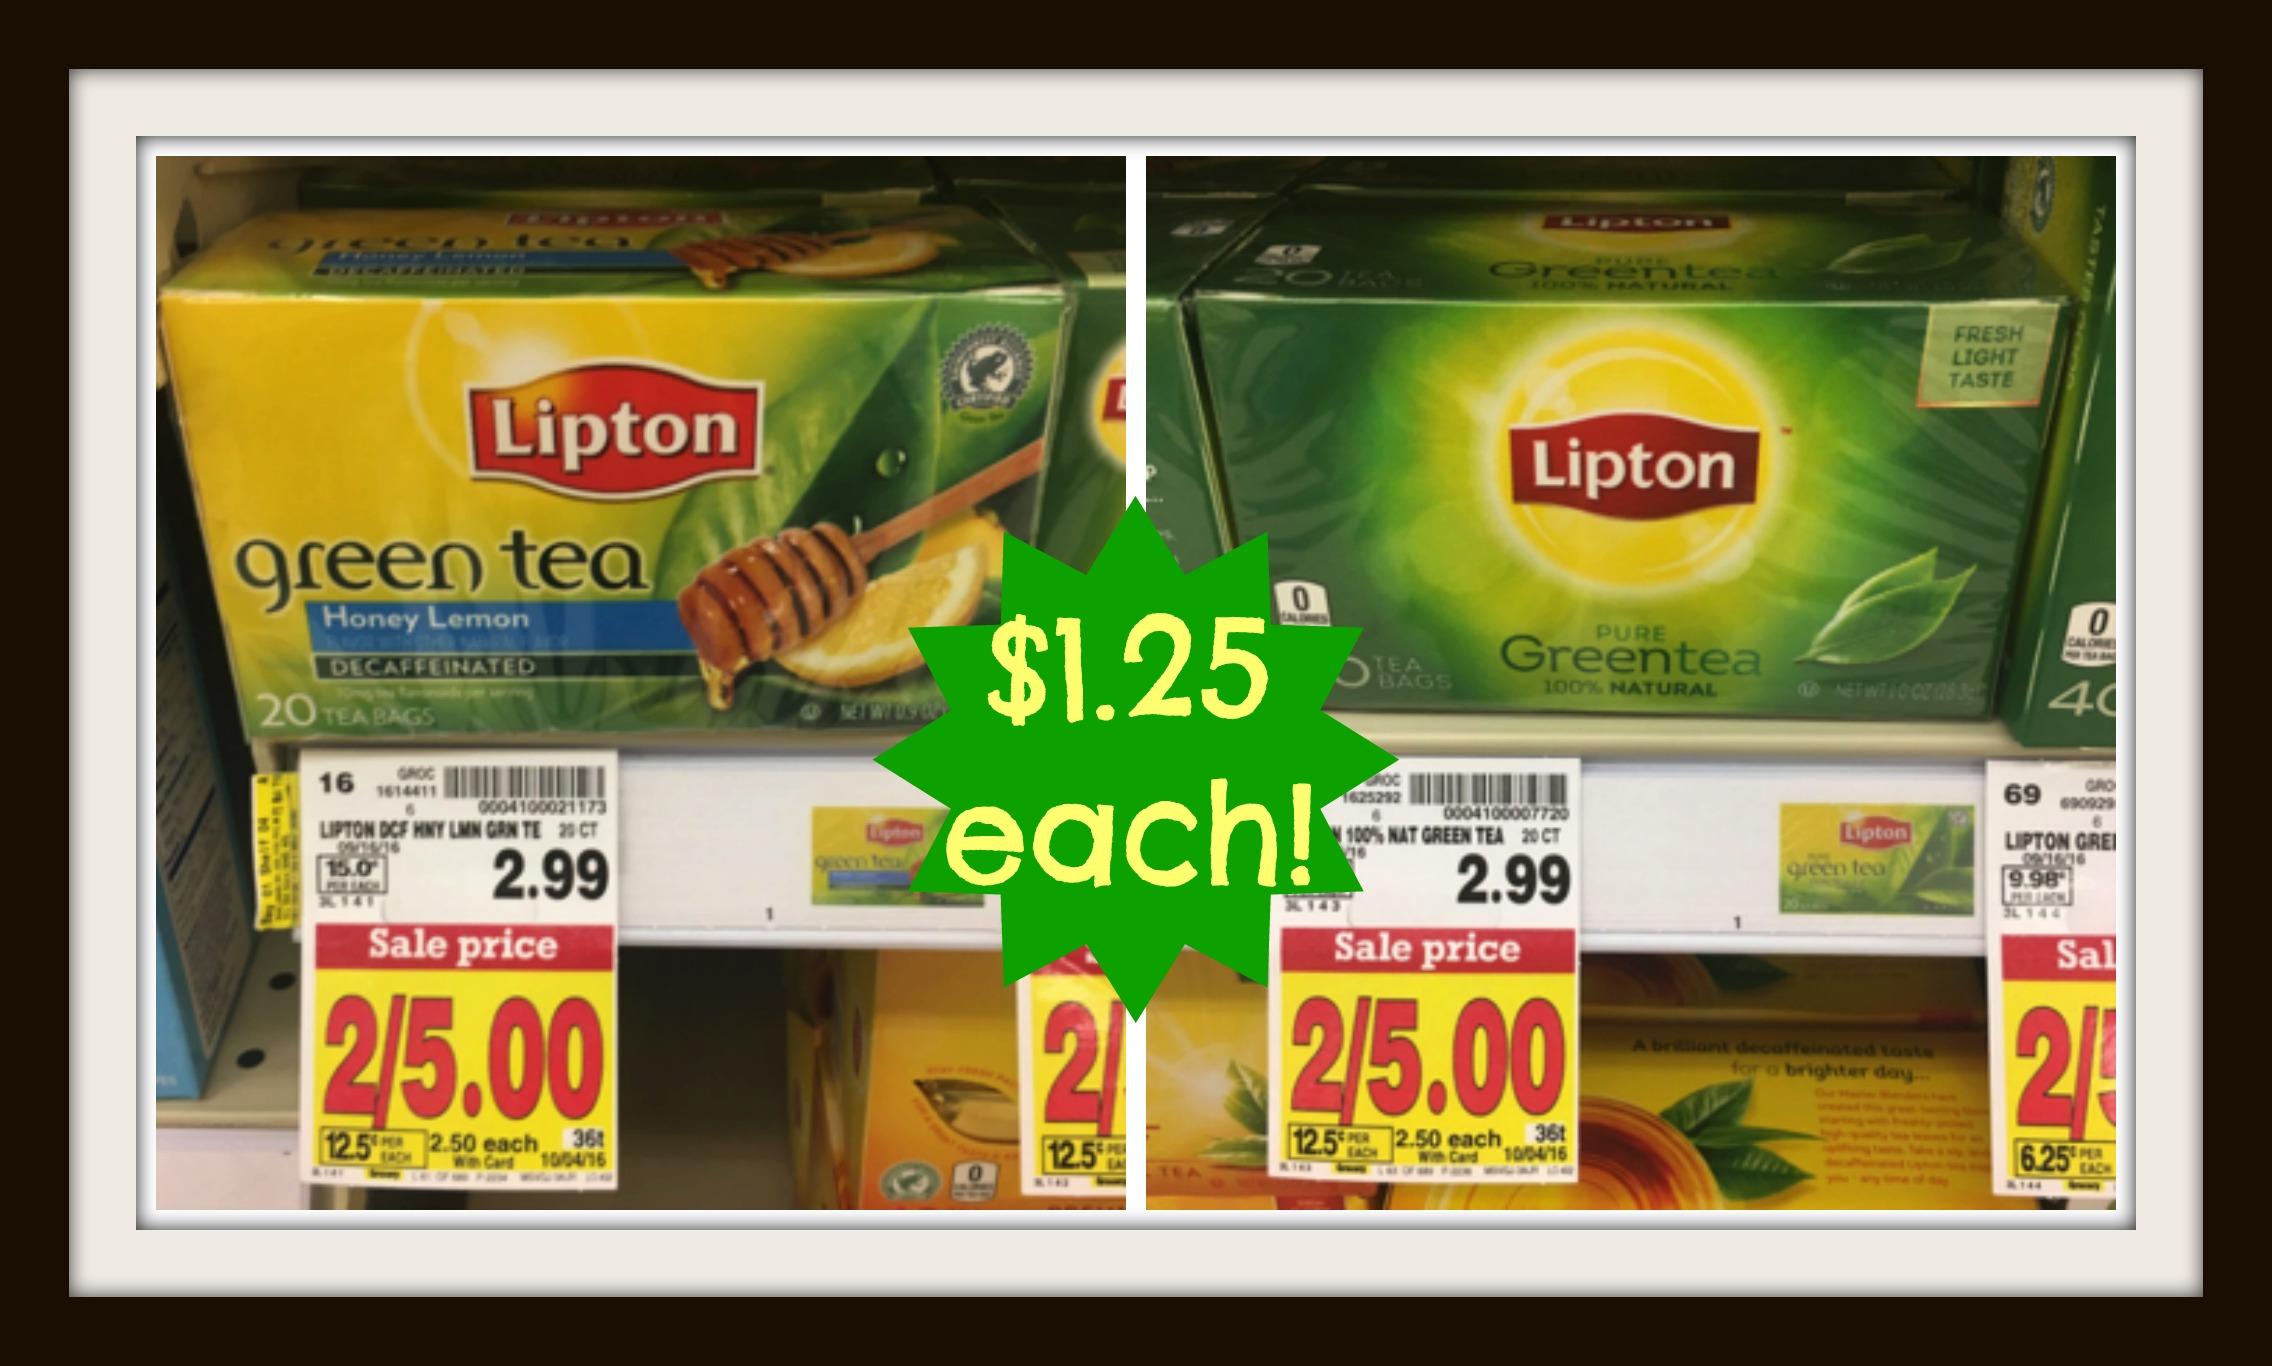 lipton-tea-image